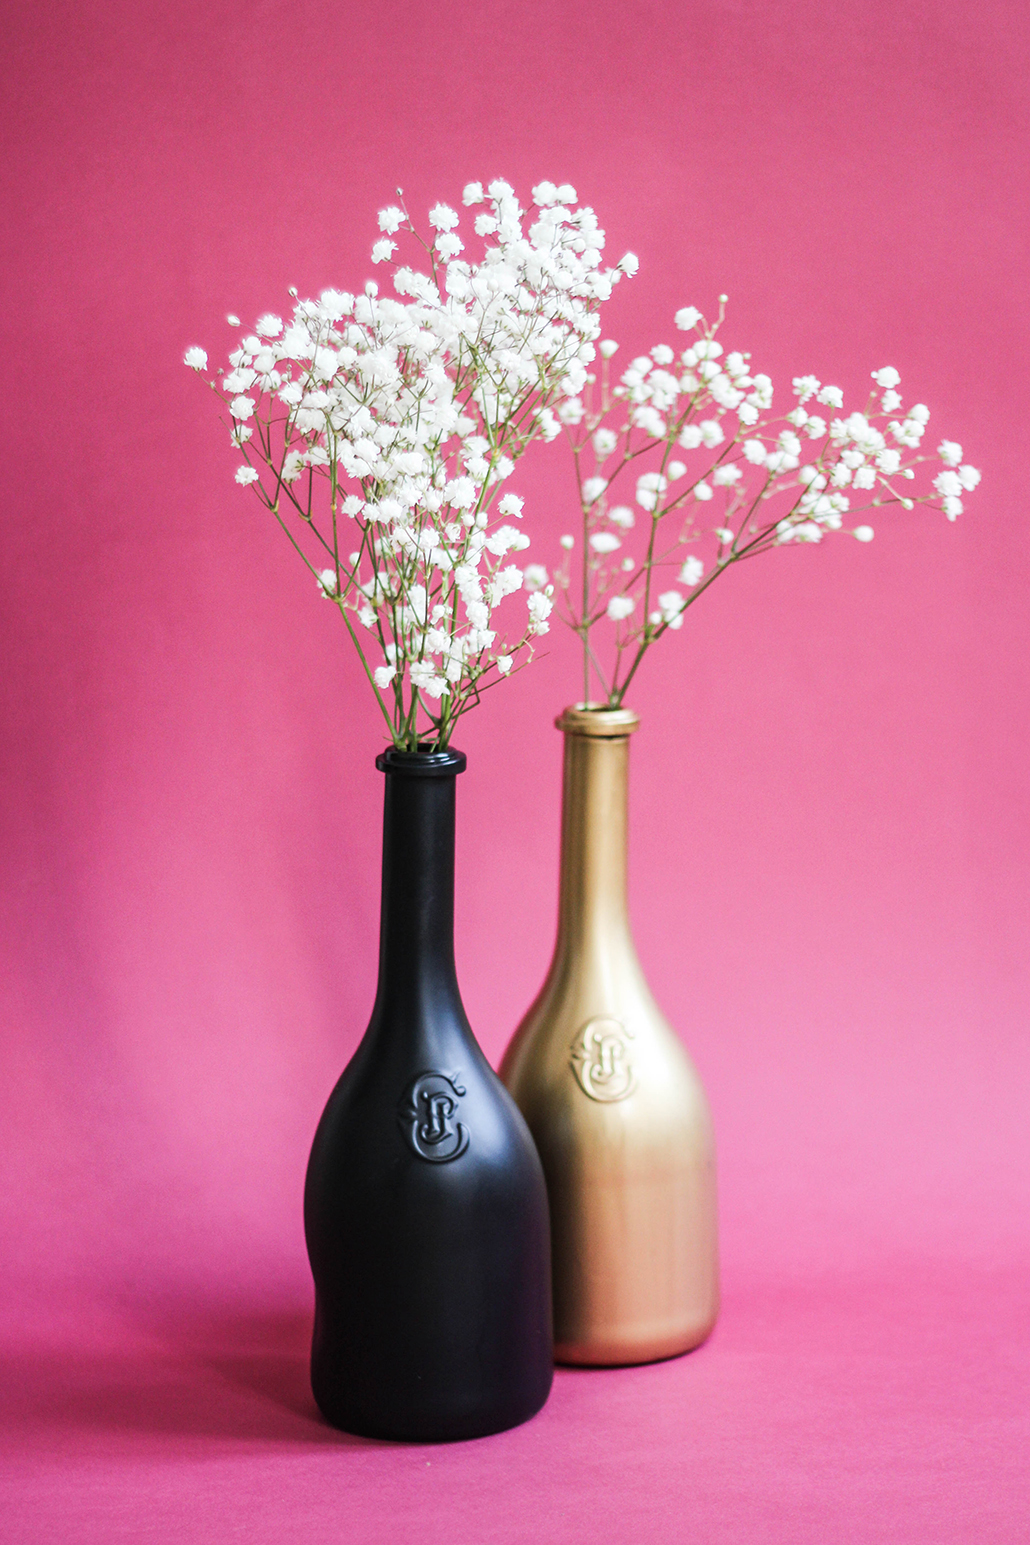 diy transforme ta bouteille de vin en vase bonjour darling. Black Bedroom Furniture Sets. Home Design Ideas